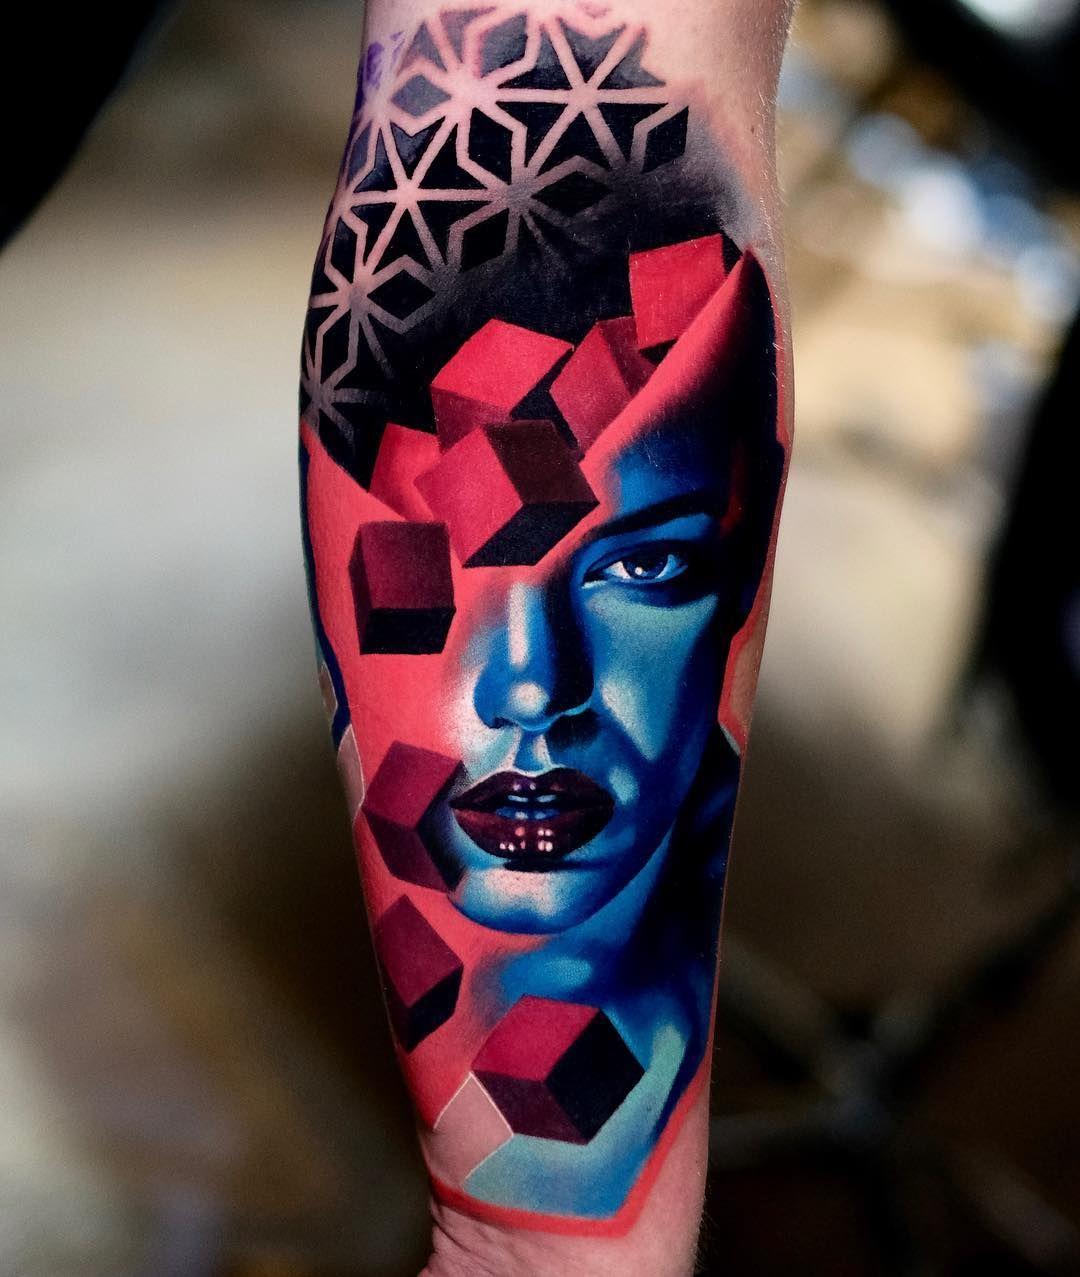 Tattoo Artist Volkan Demirci Colored Tattoo Design Tattoo Artists Surreal Tattoo